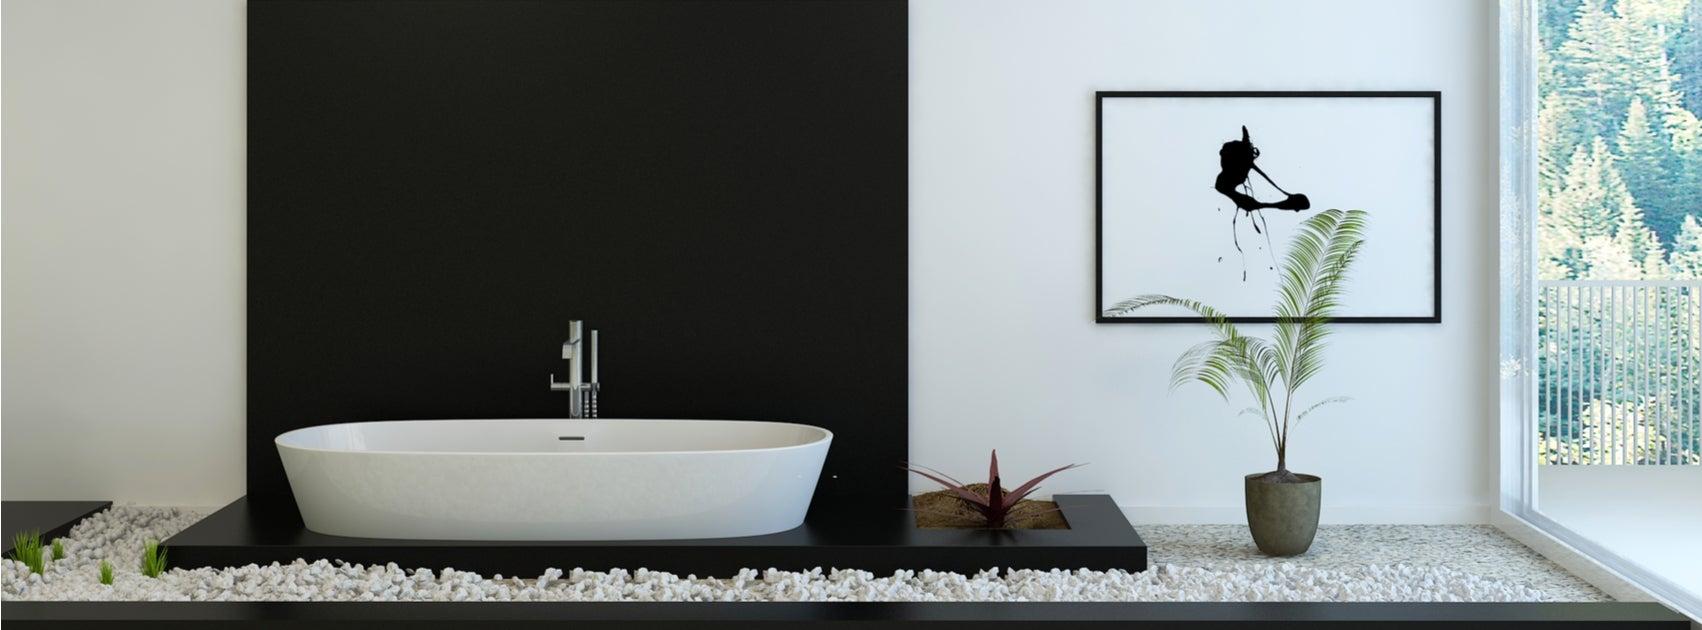 Diseño y decoración de baños modernos